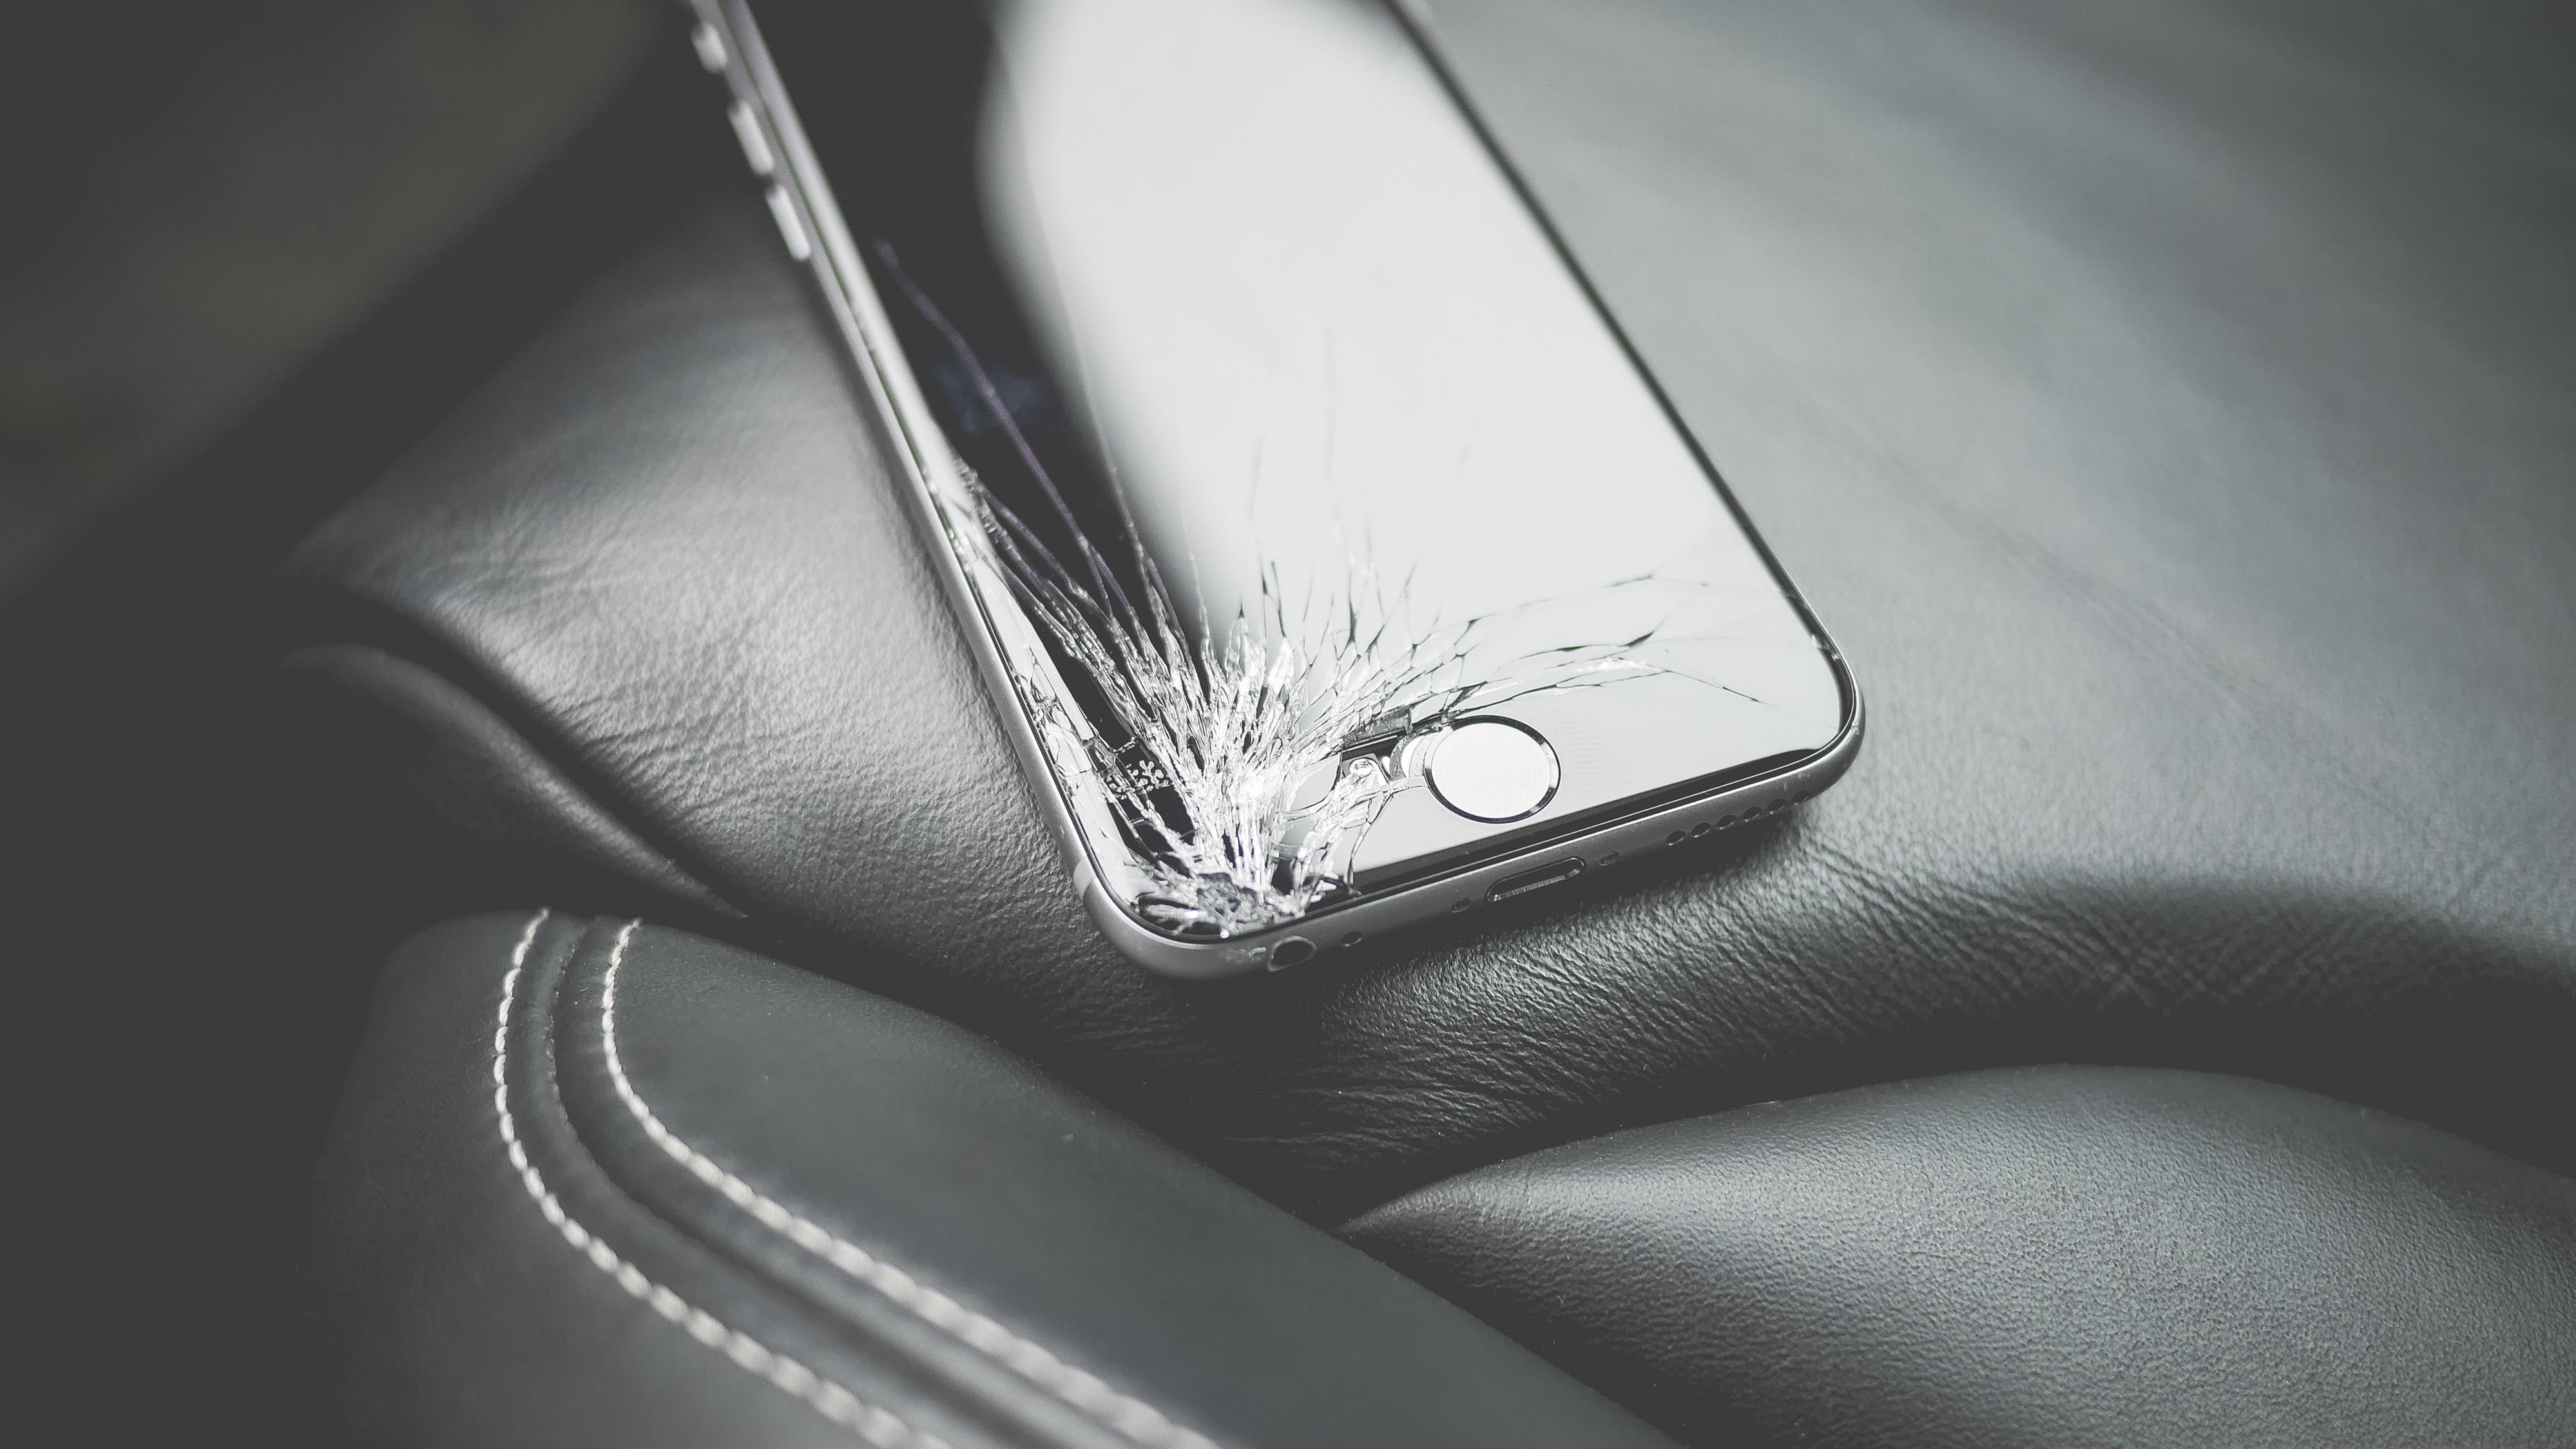 Tyskland ber EU att lagföra Apple till sju års uppdateringar och reparationer